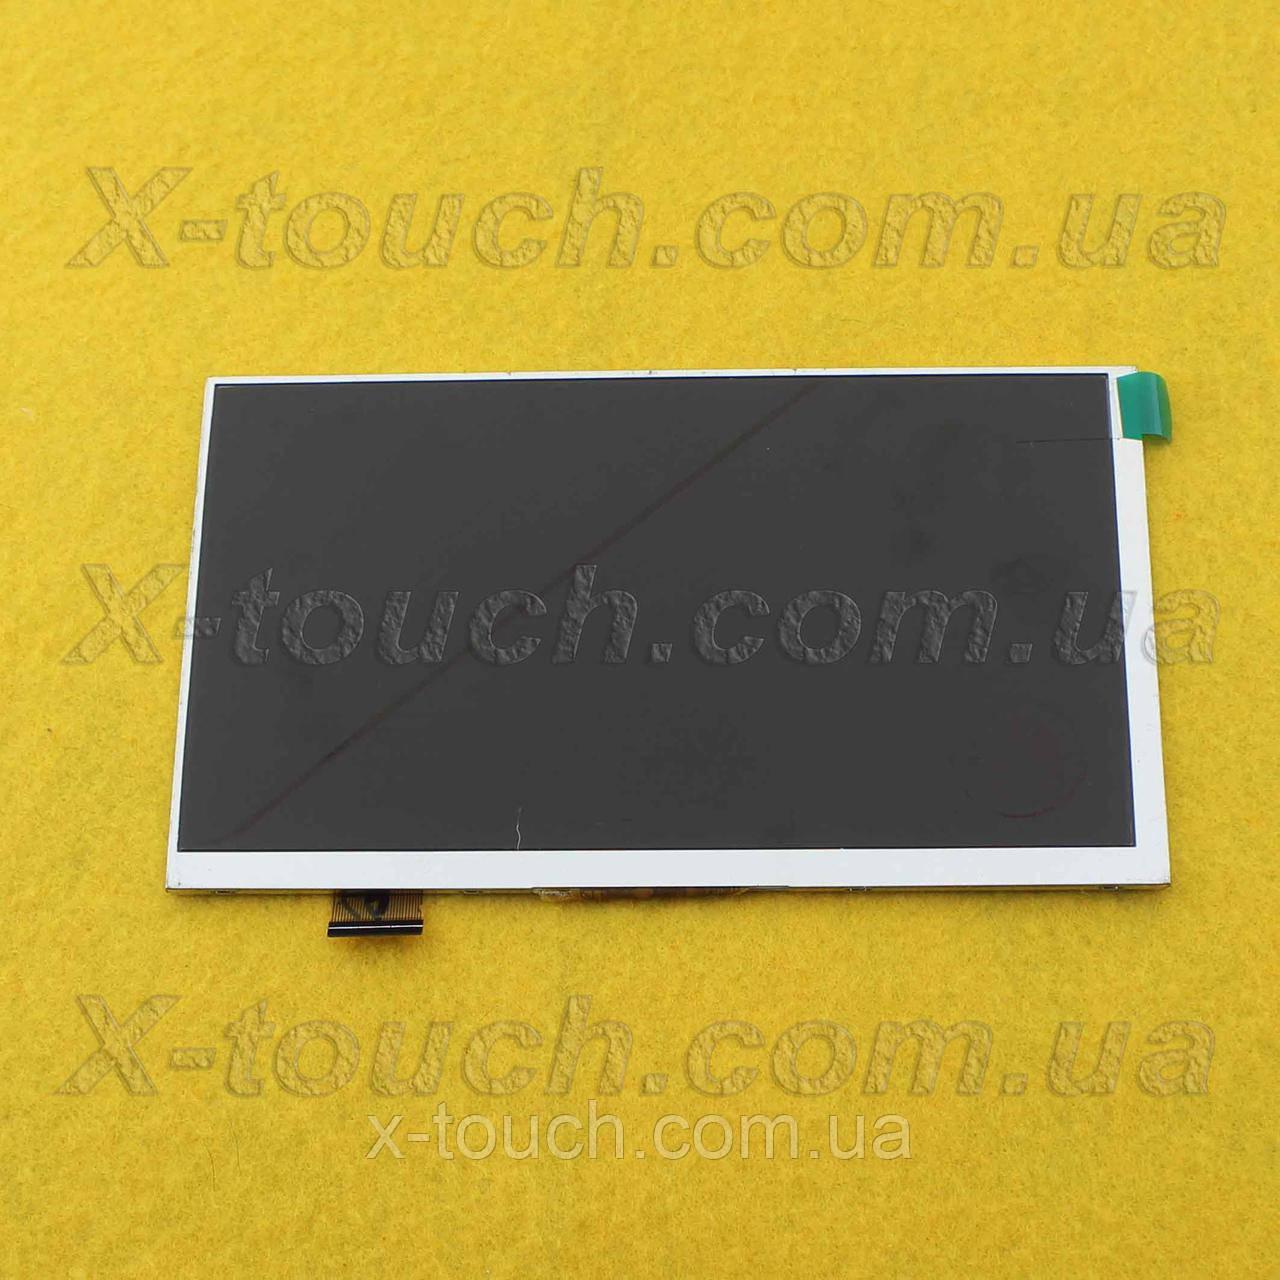 Матриця,екран, дисплей Supra M722G для планшета